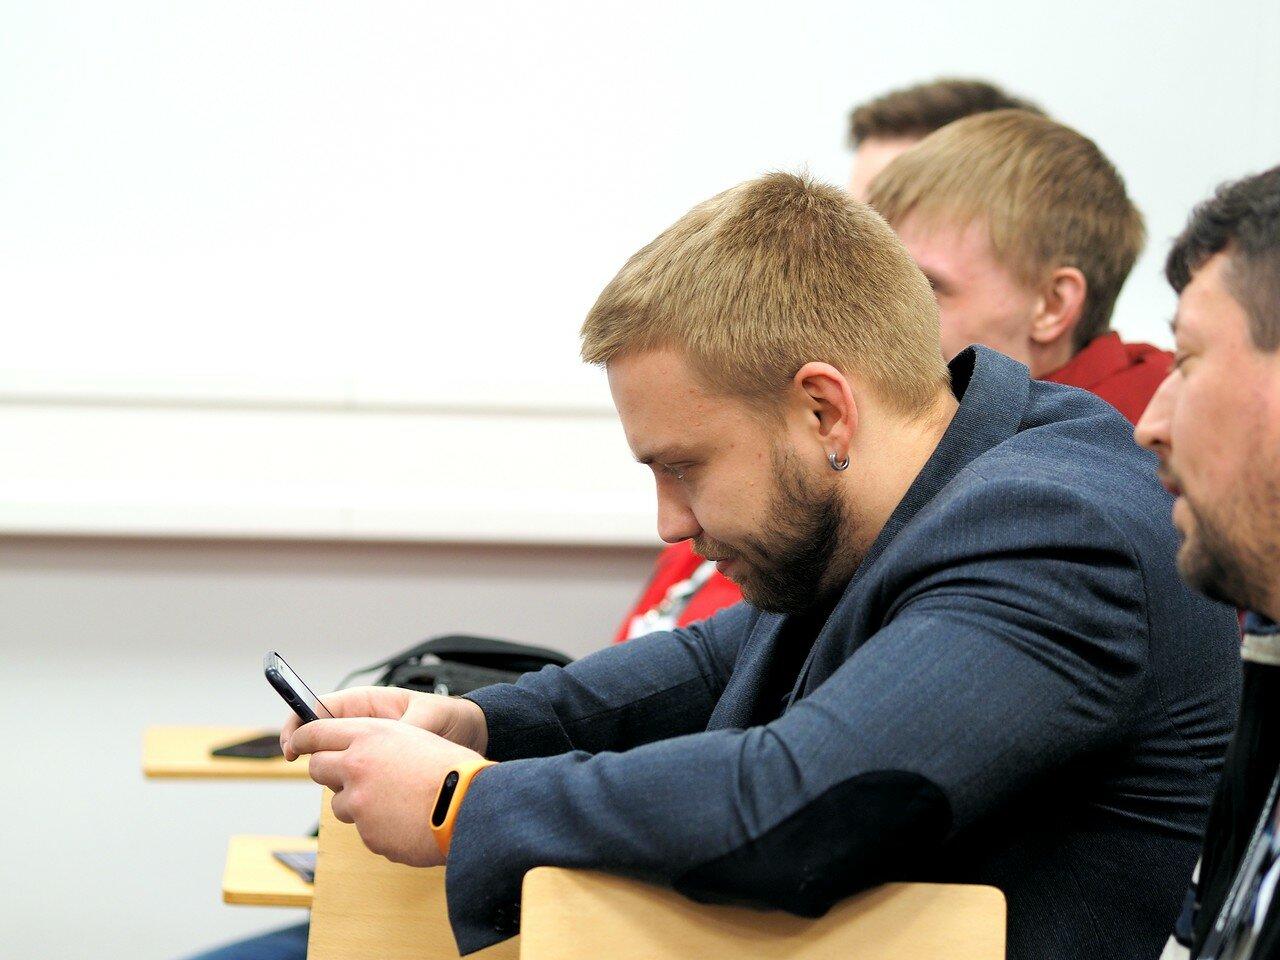 151 Металлург - Динамо Рига 26.11.2017